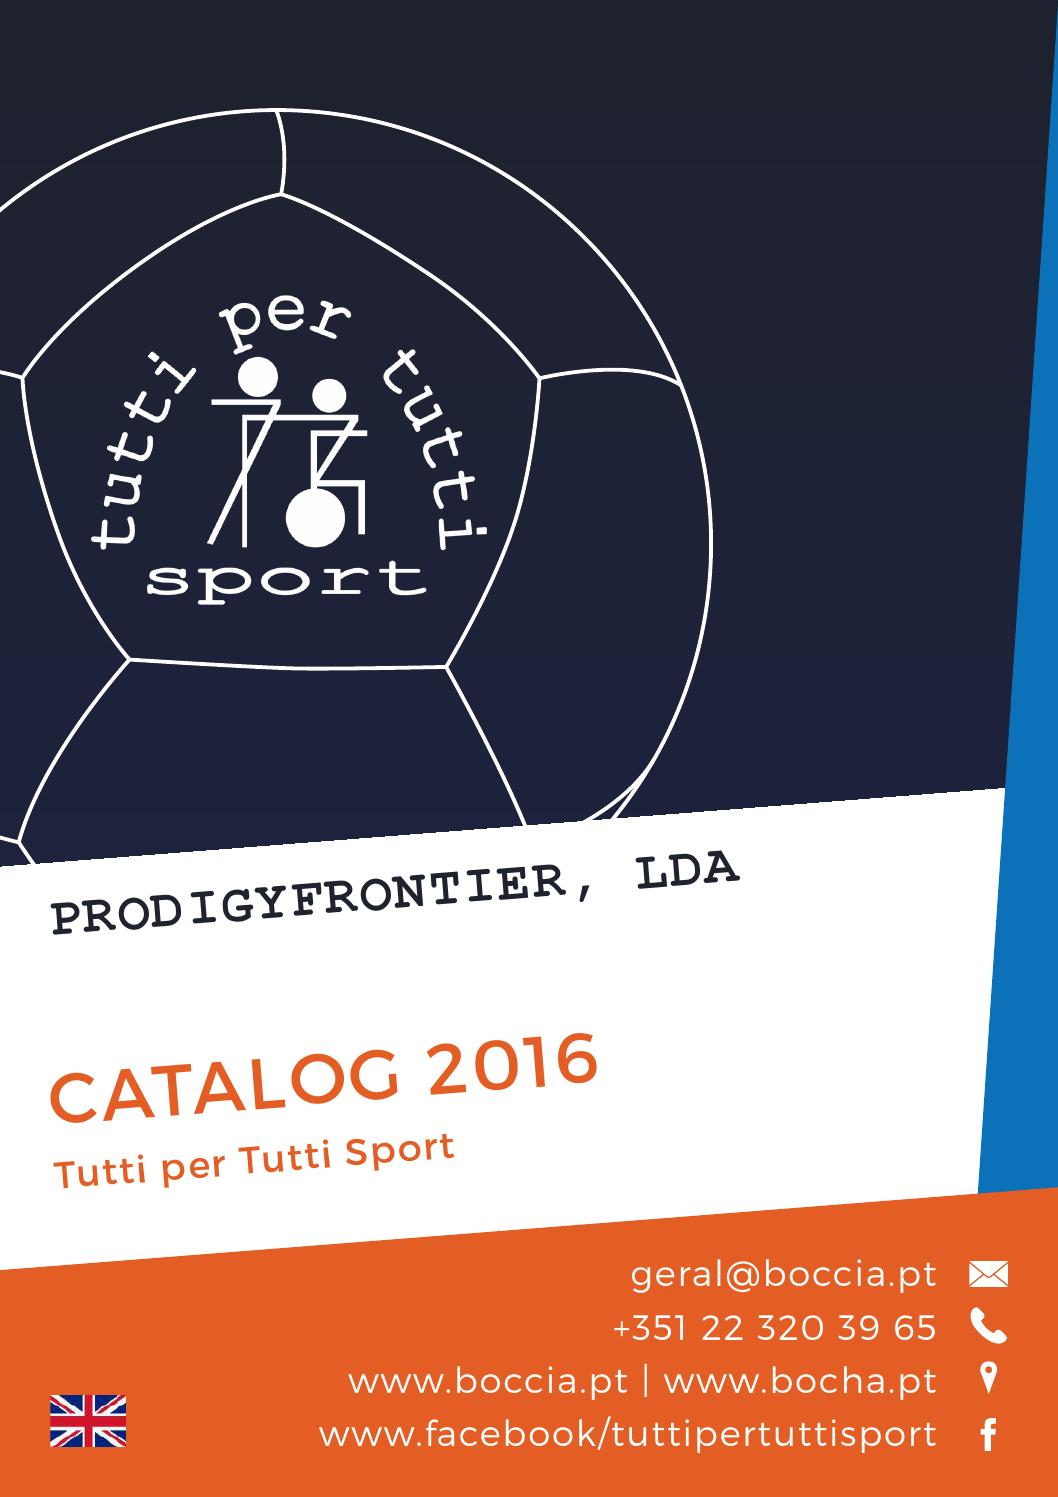 Design Per Tutti Com catalog boccia tutti 2016 in by prodigyfrontier lda - issuu